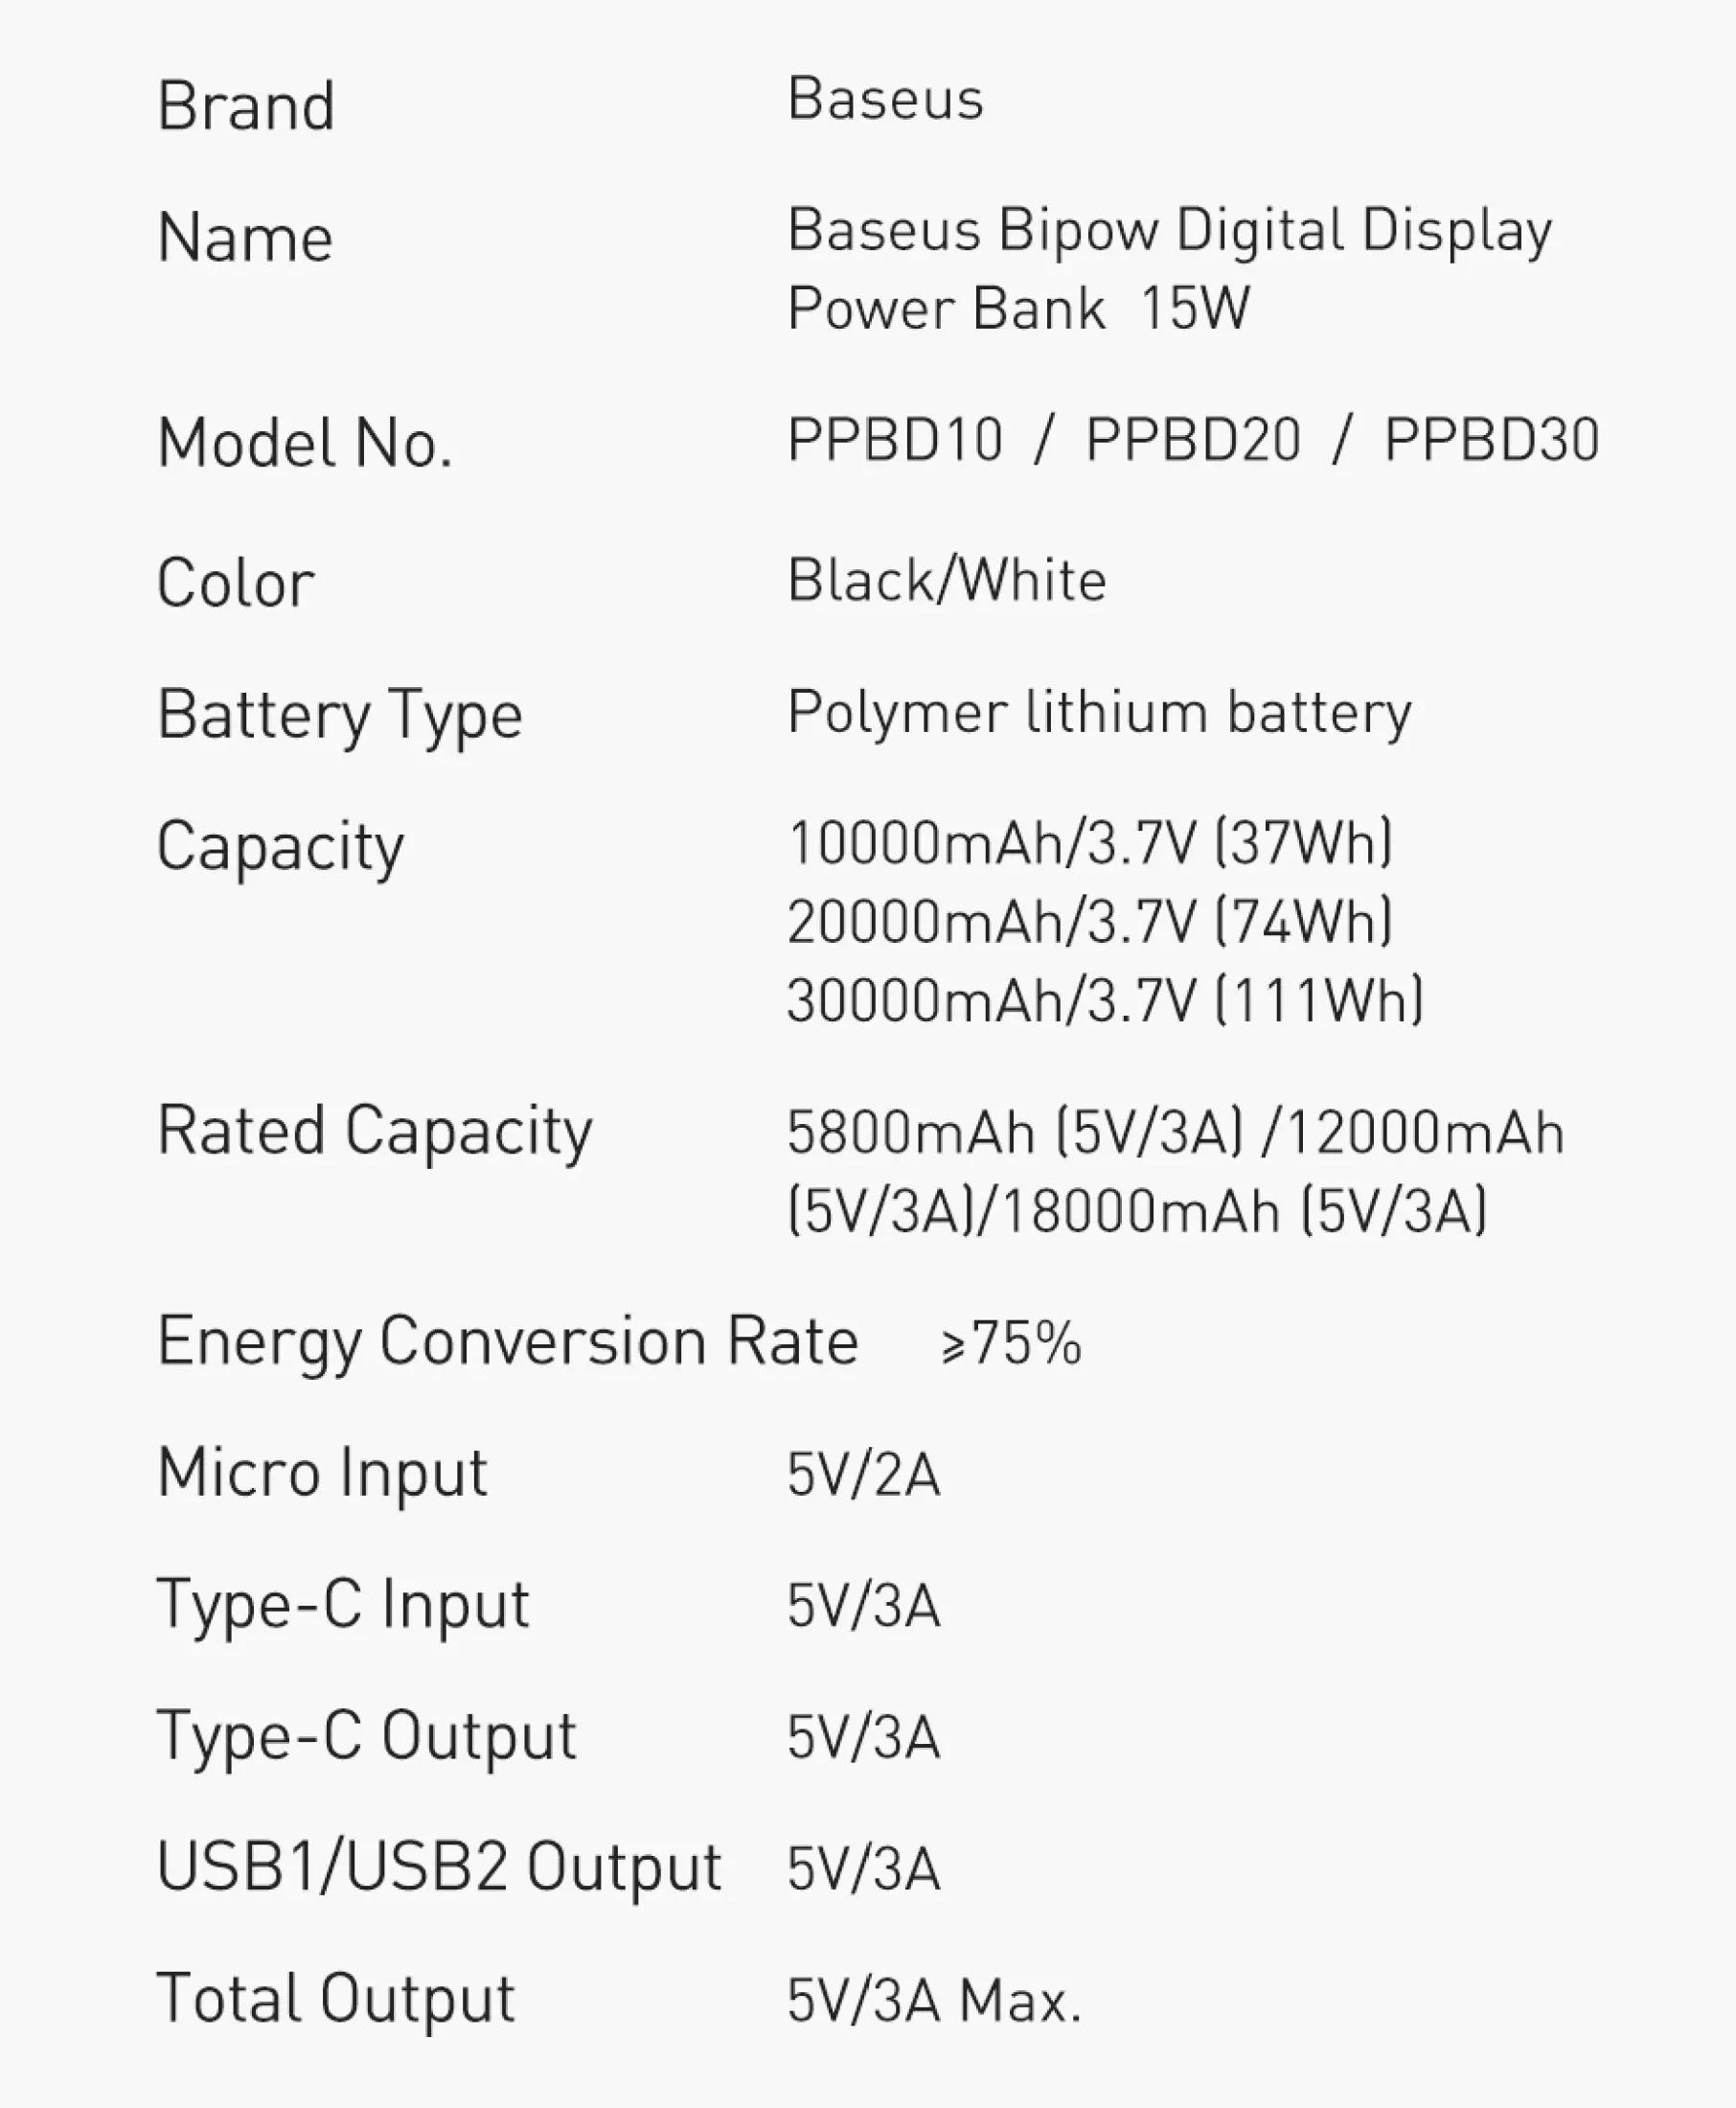 Pin sạc dự phòng Baseus dung lượng 10000mAh công suất 15W hoặc 20W, màn hình LED hiển thị, sạc nhanh QC, PD cho iPhone, Samsung, Xiaomi,....-Phân phối chính hãng tại Baseus Việt Nam 12